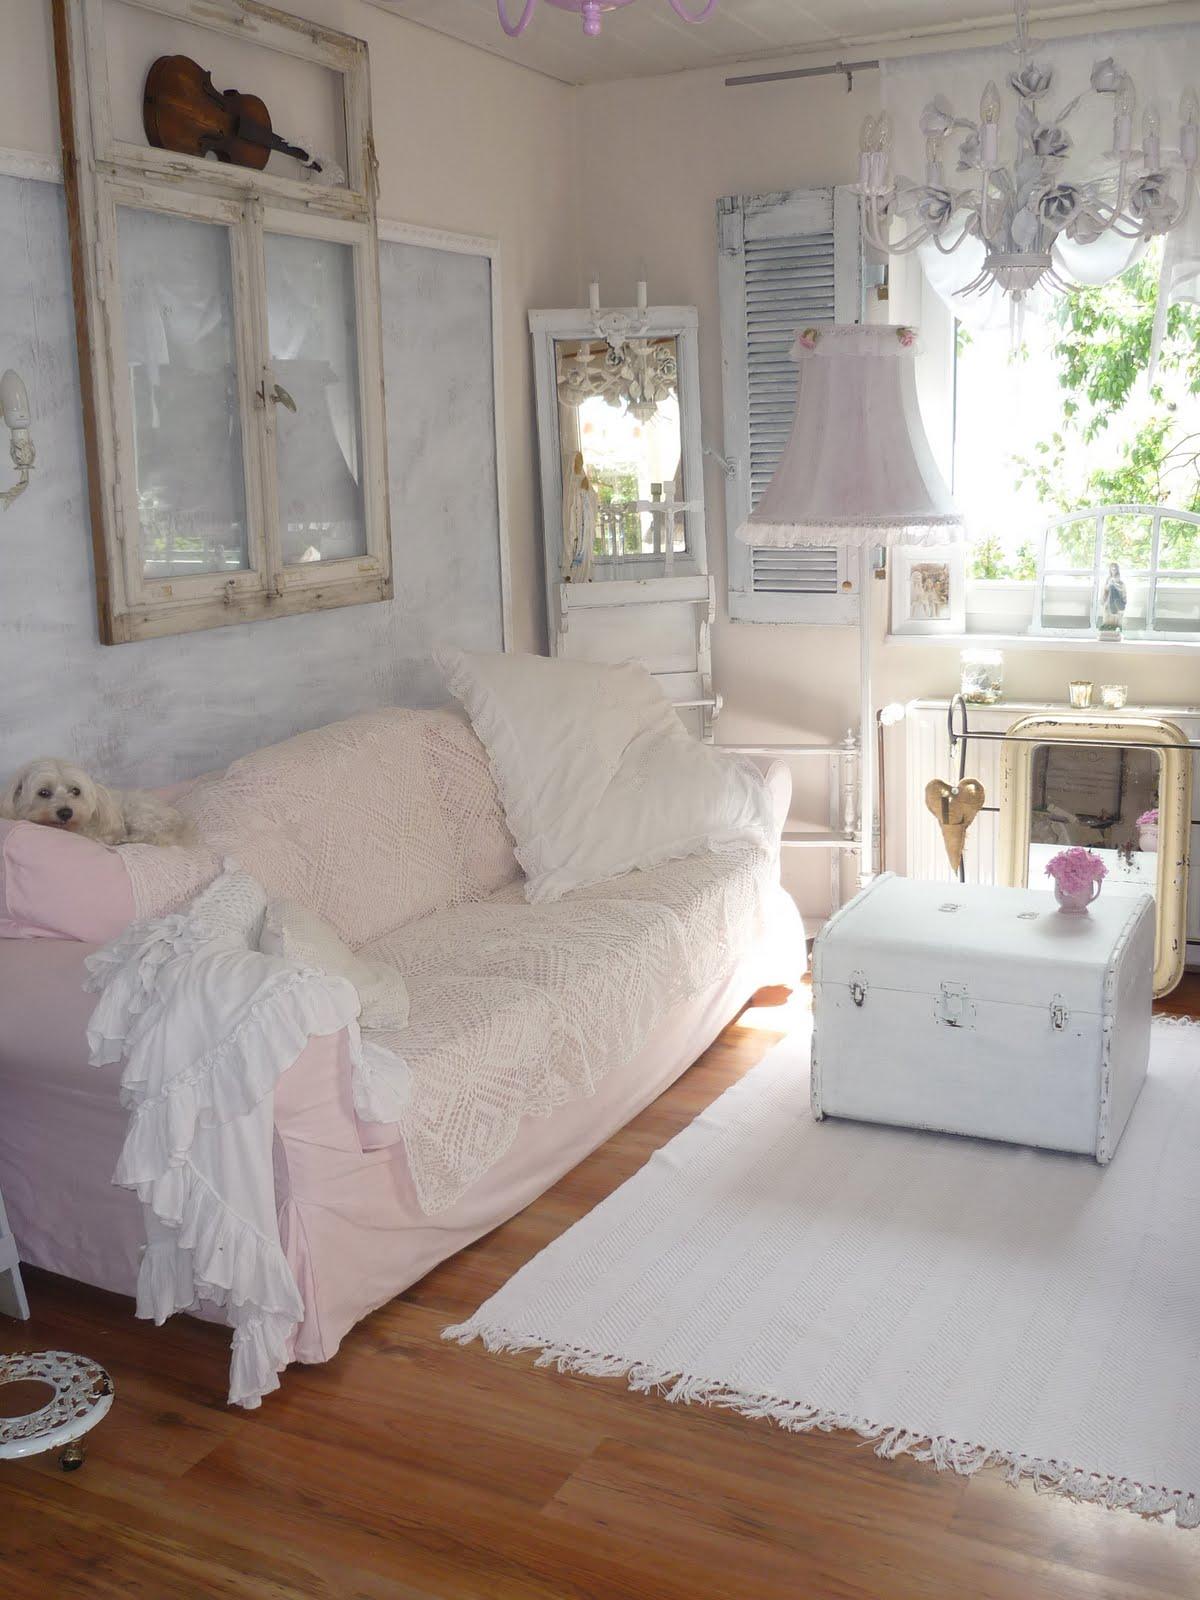 Heavens ros cottage mehr wei e romantik im wohnzimmer - Rosa deko wohnzimmer ...